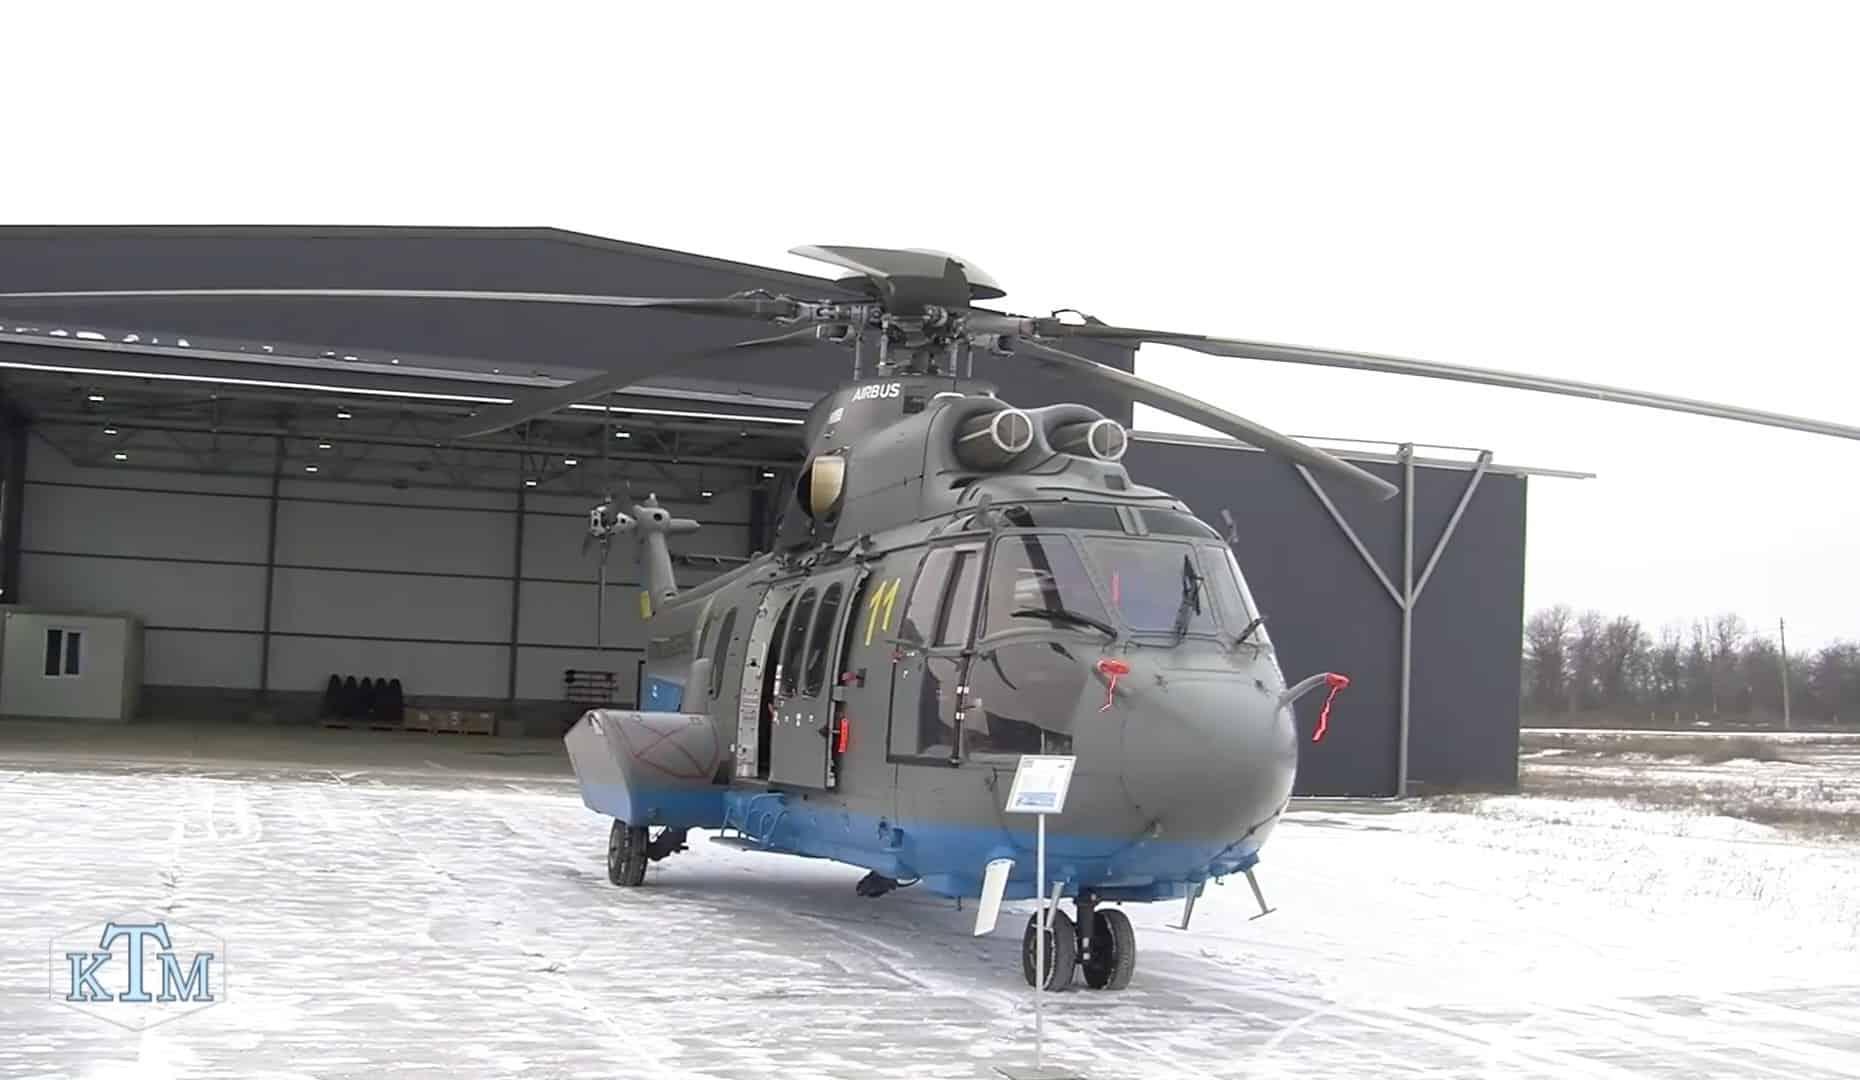 Airbus H225 на фоні ангару в Олександрії Стопкадр з відео телеканалу «КТМ»